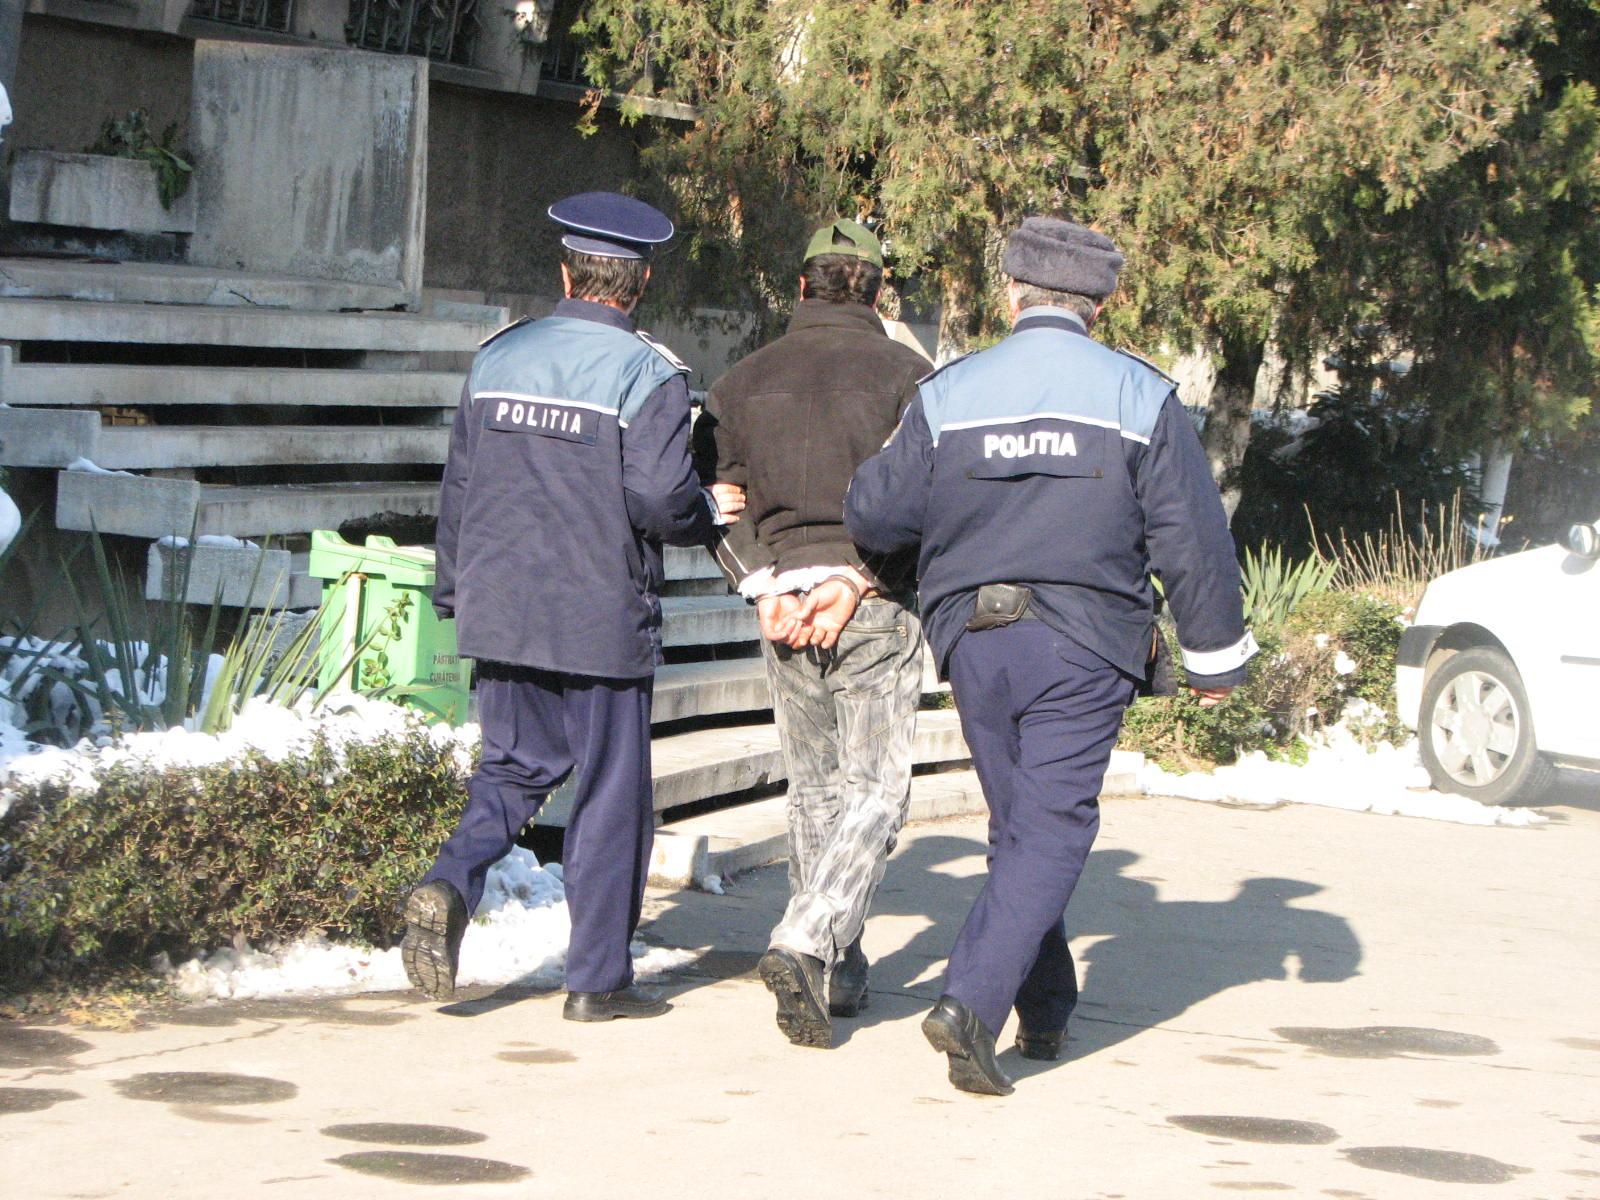 Mehedinți: Patru tineri puși pe hoții au fost reținuți în arestul poliției